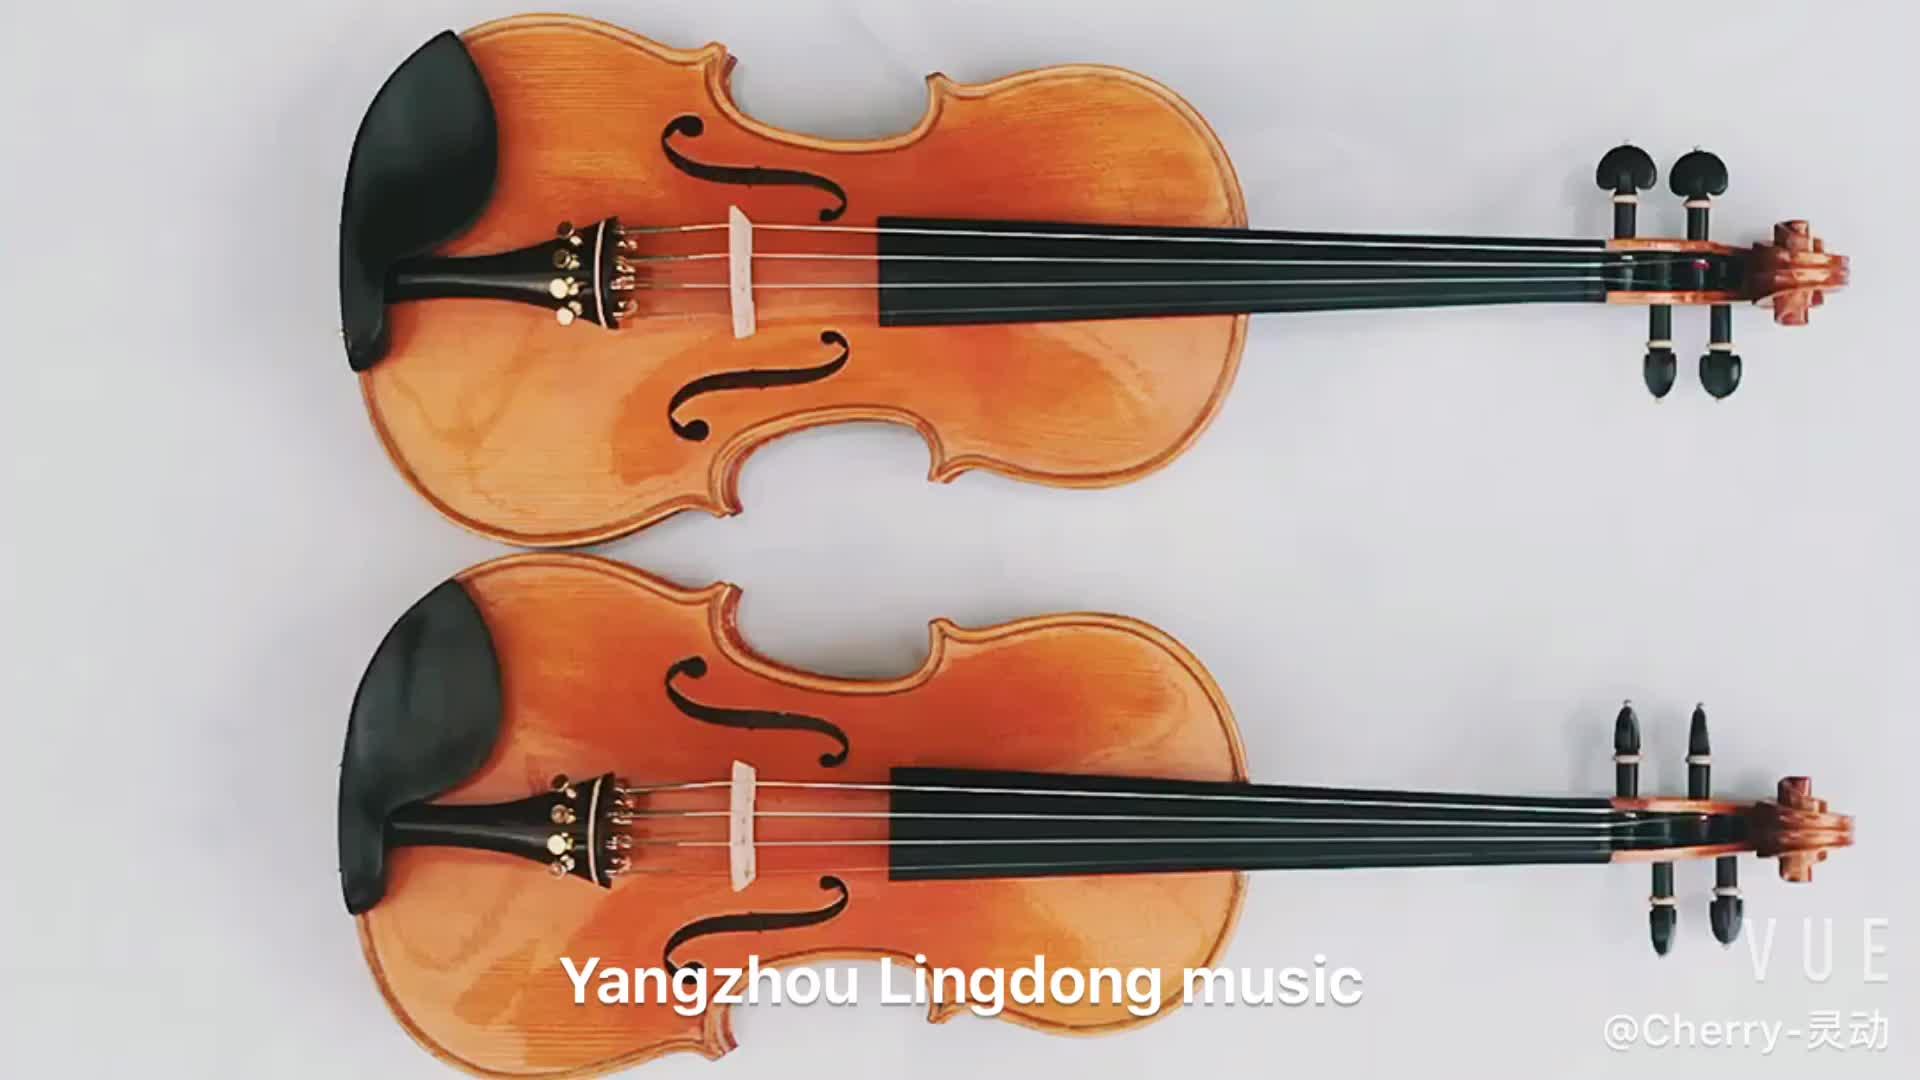 berühmte marke handgefertigte violine mit freien viereckigen violinetui